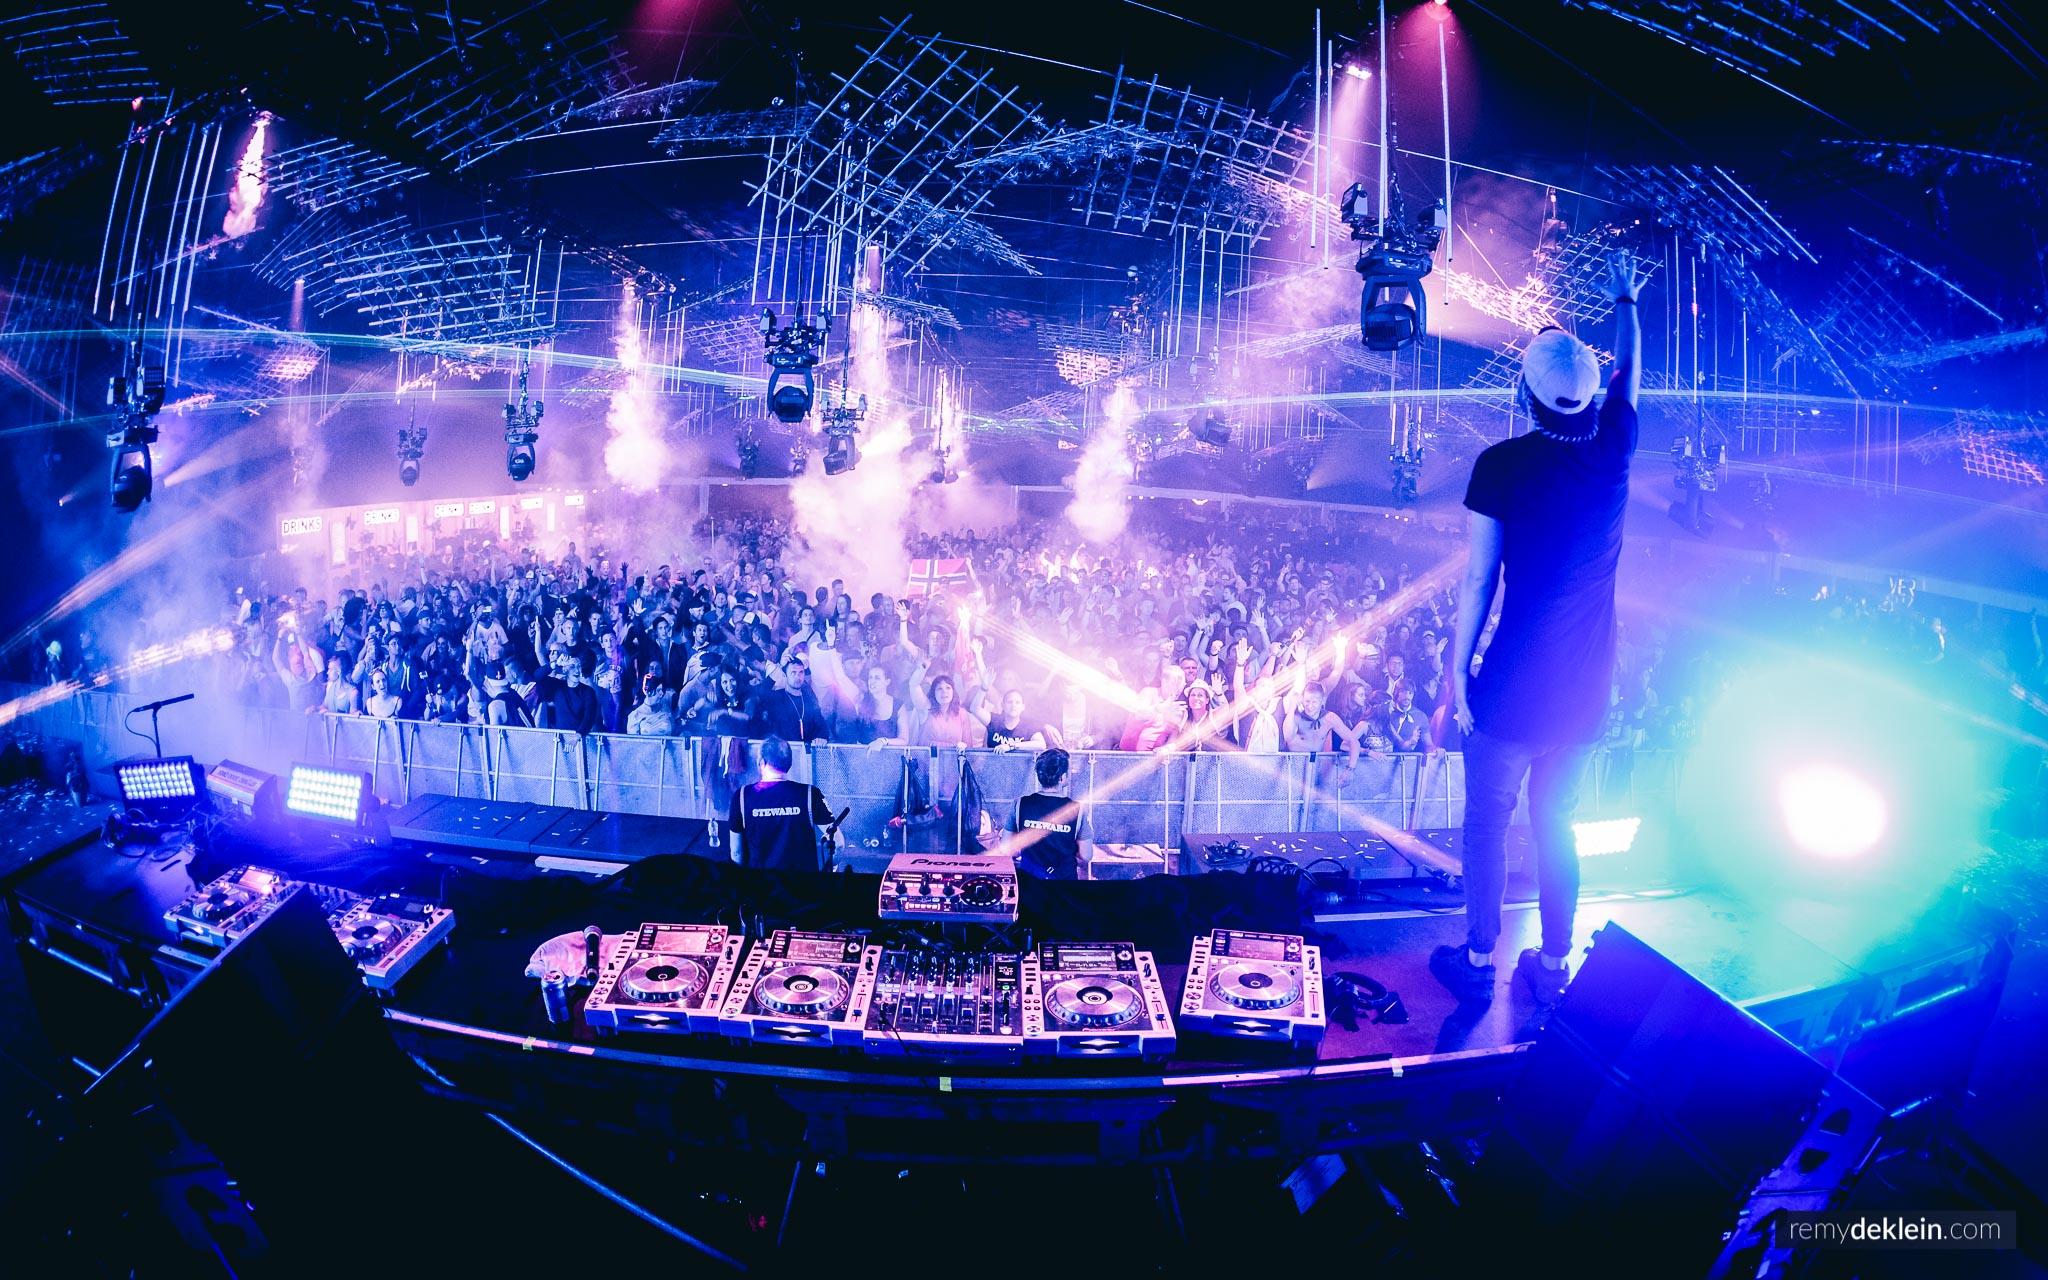 Thomas Newson at Tomorrowland